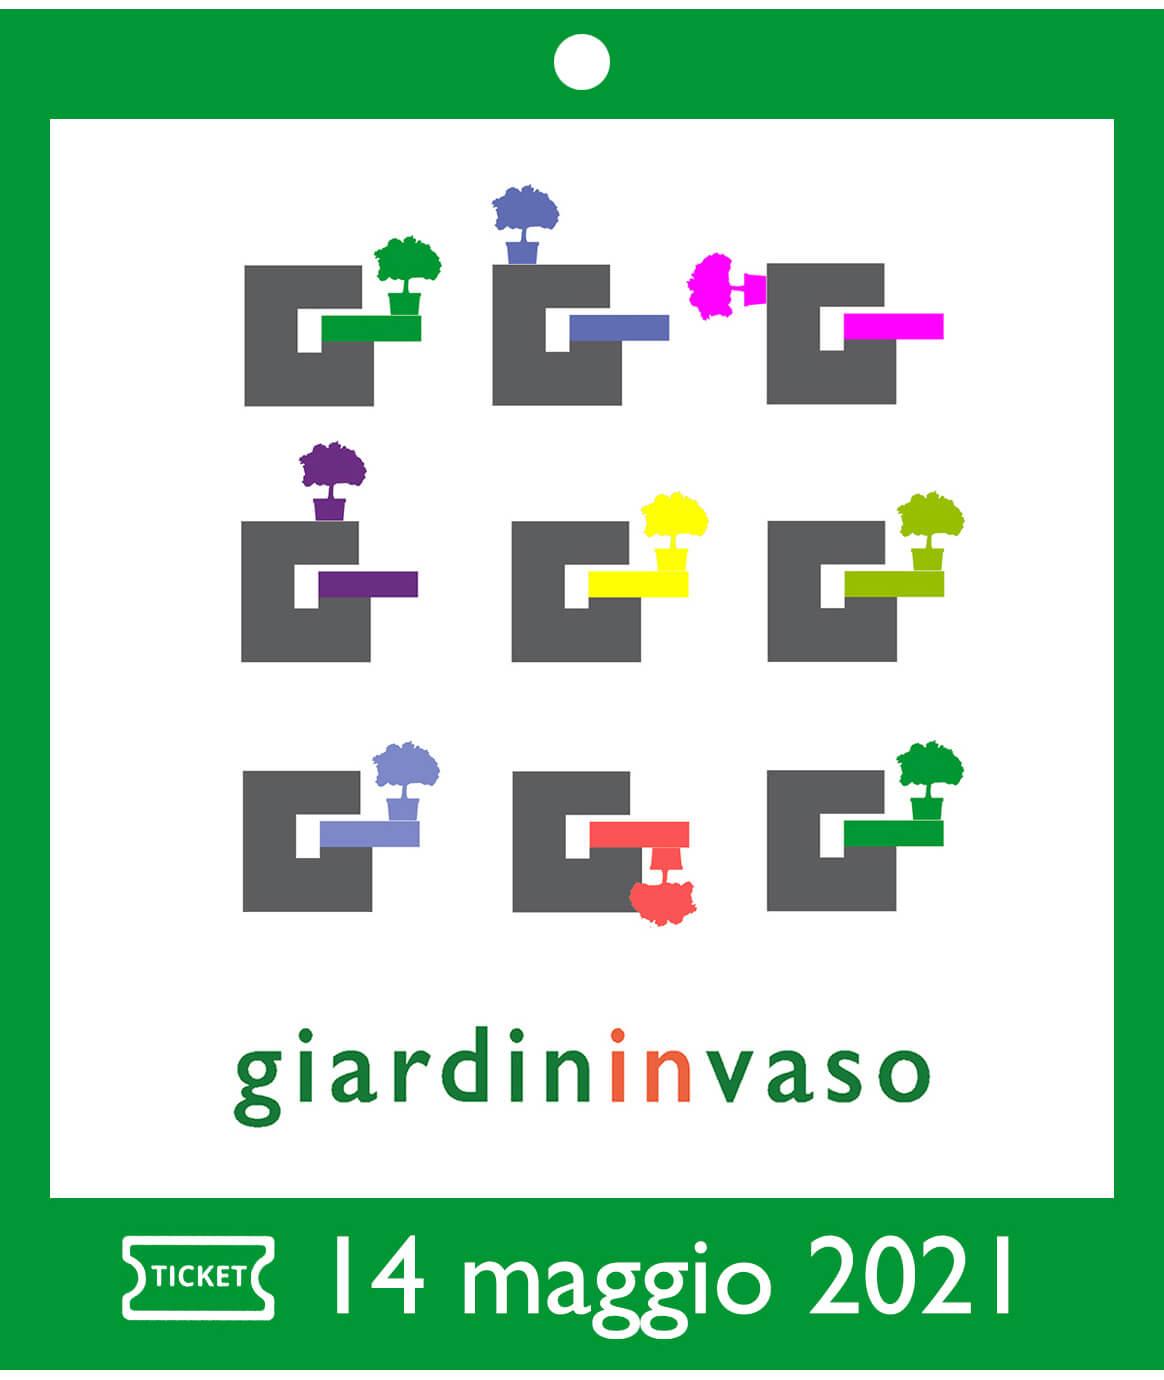 Giardininvaso 14 maggio